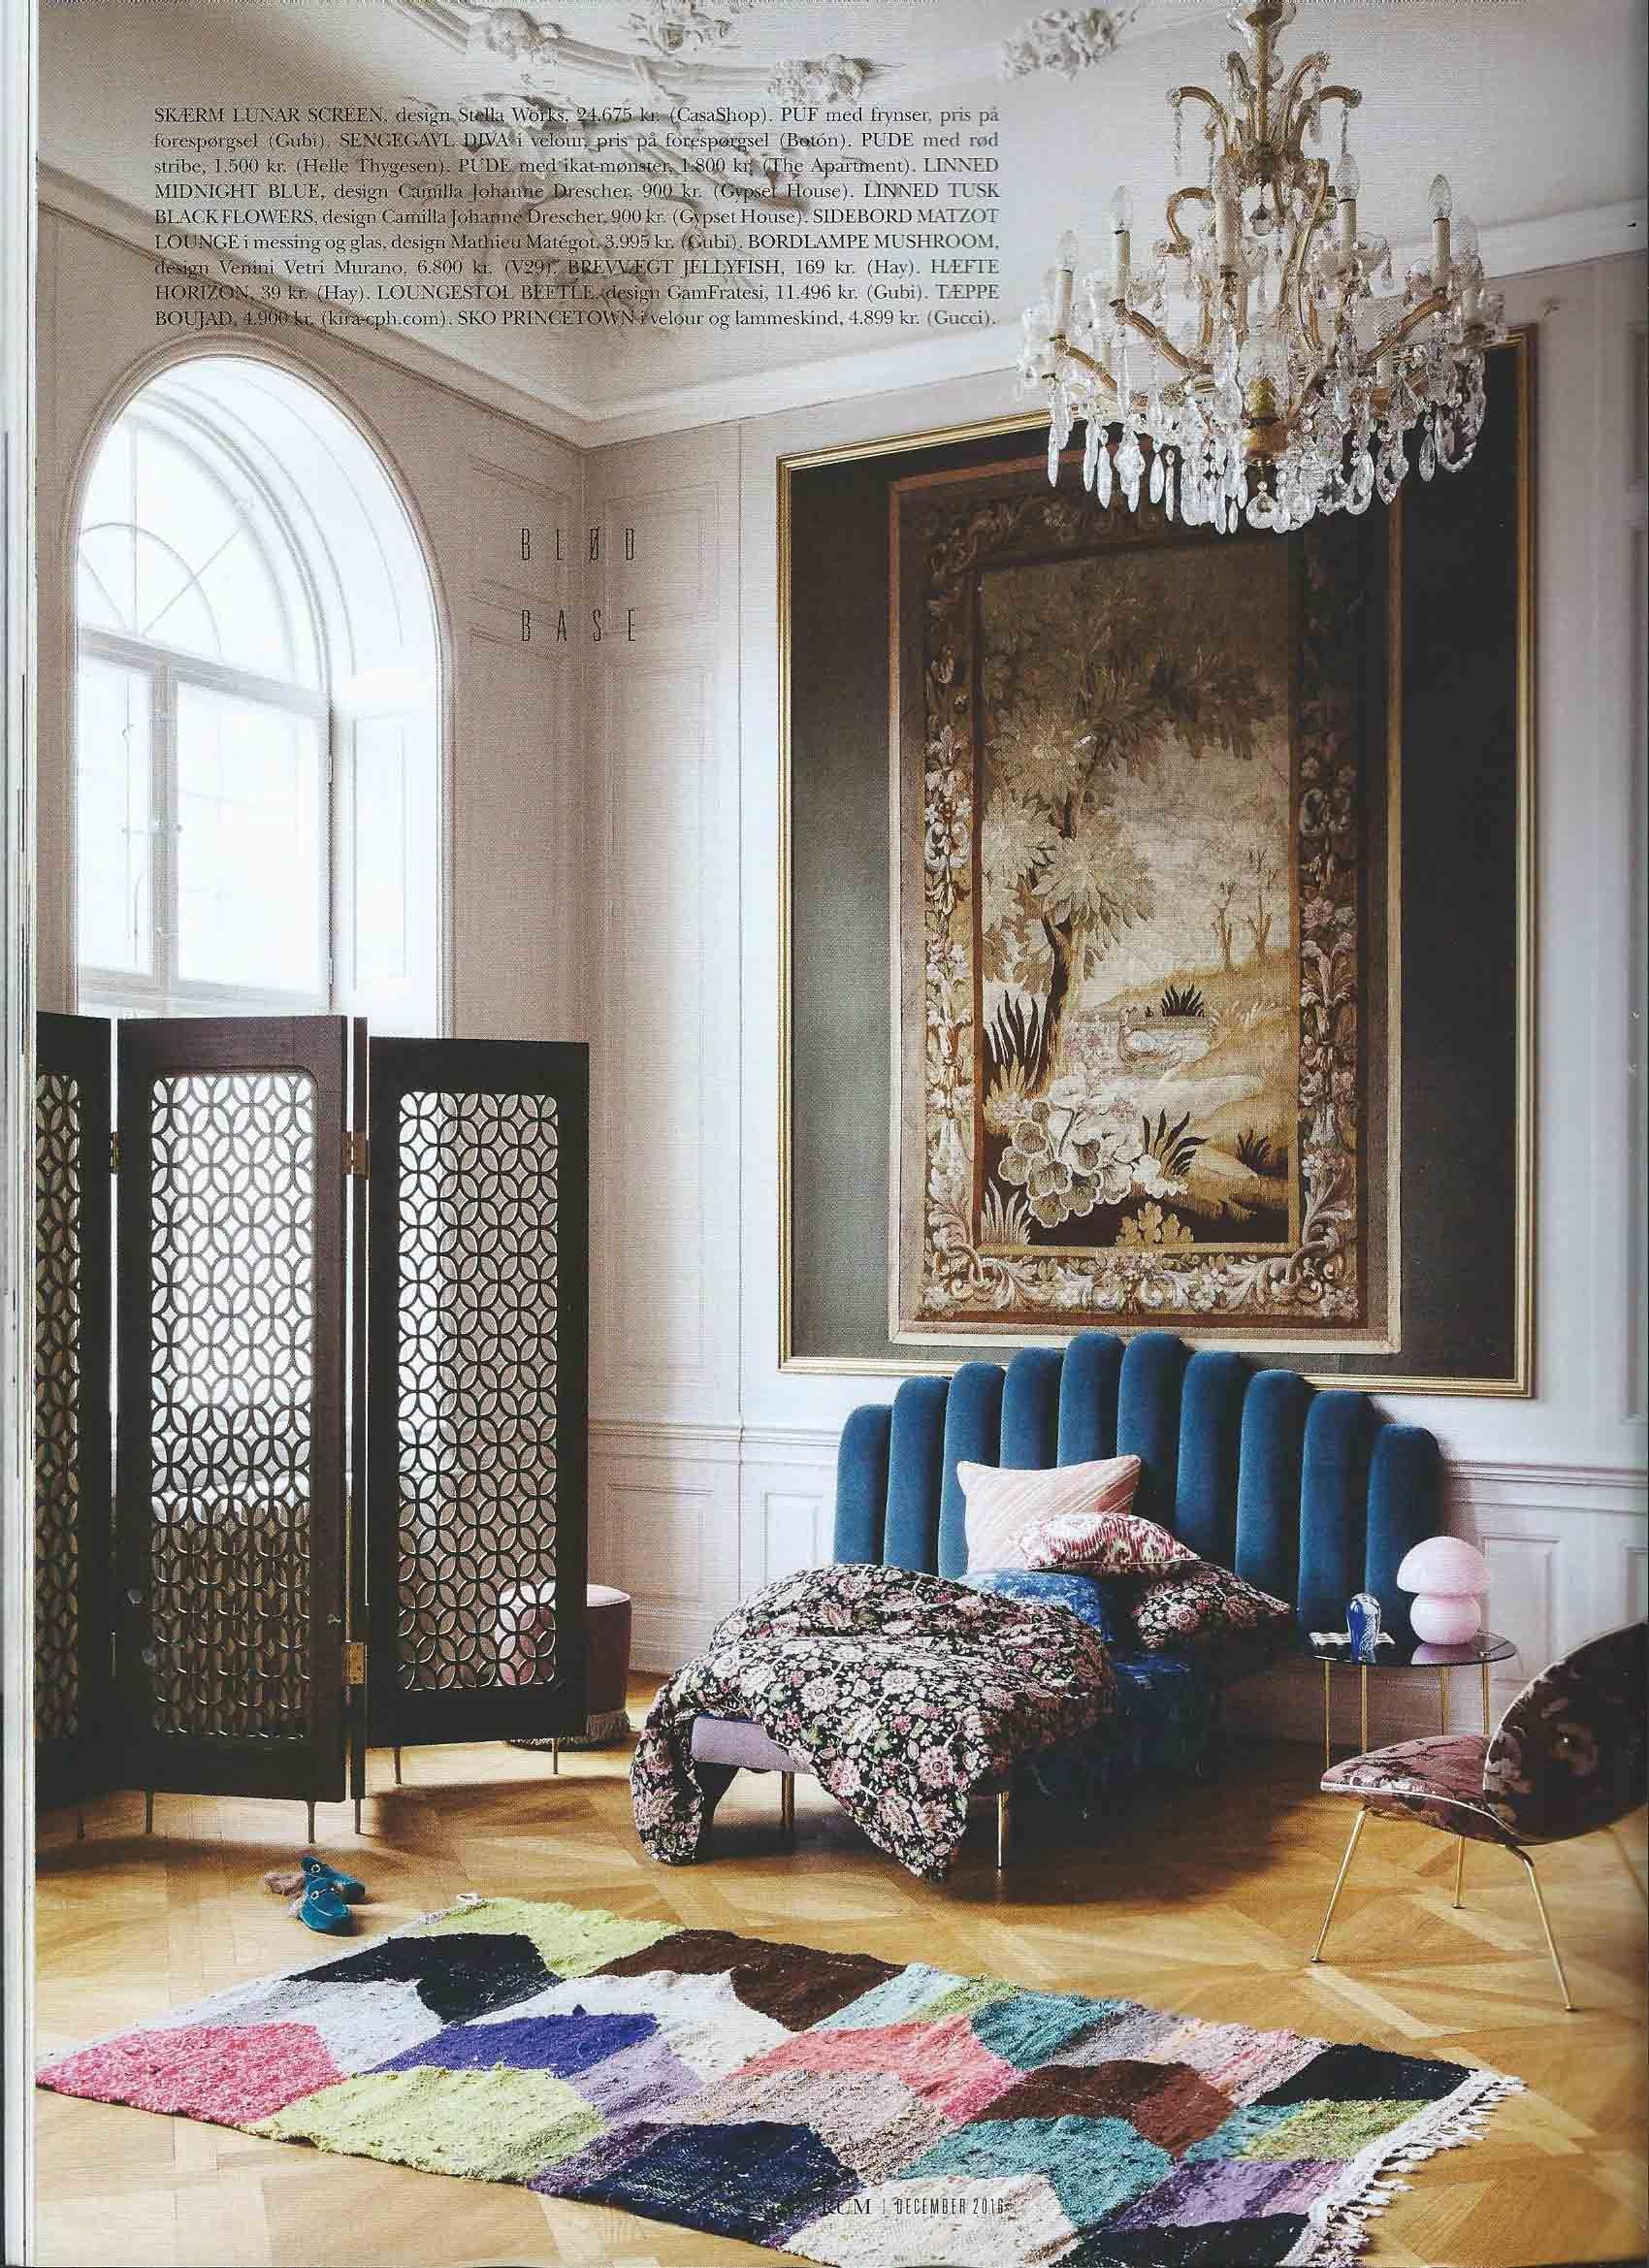 Moroccan Berber Rugs Handpicked By Kira Cph From The Danish Interior Magazine RUM